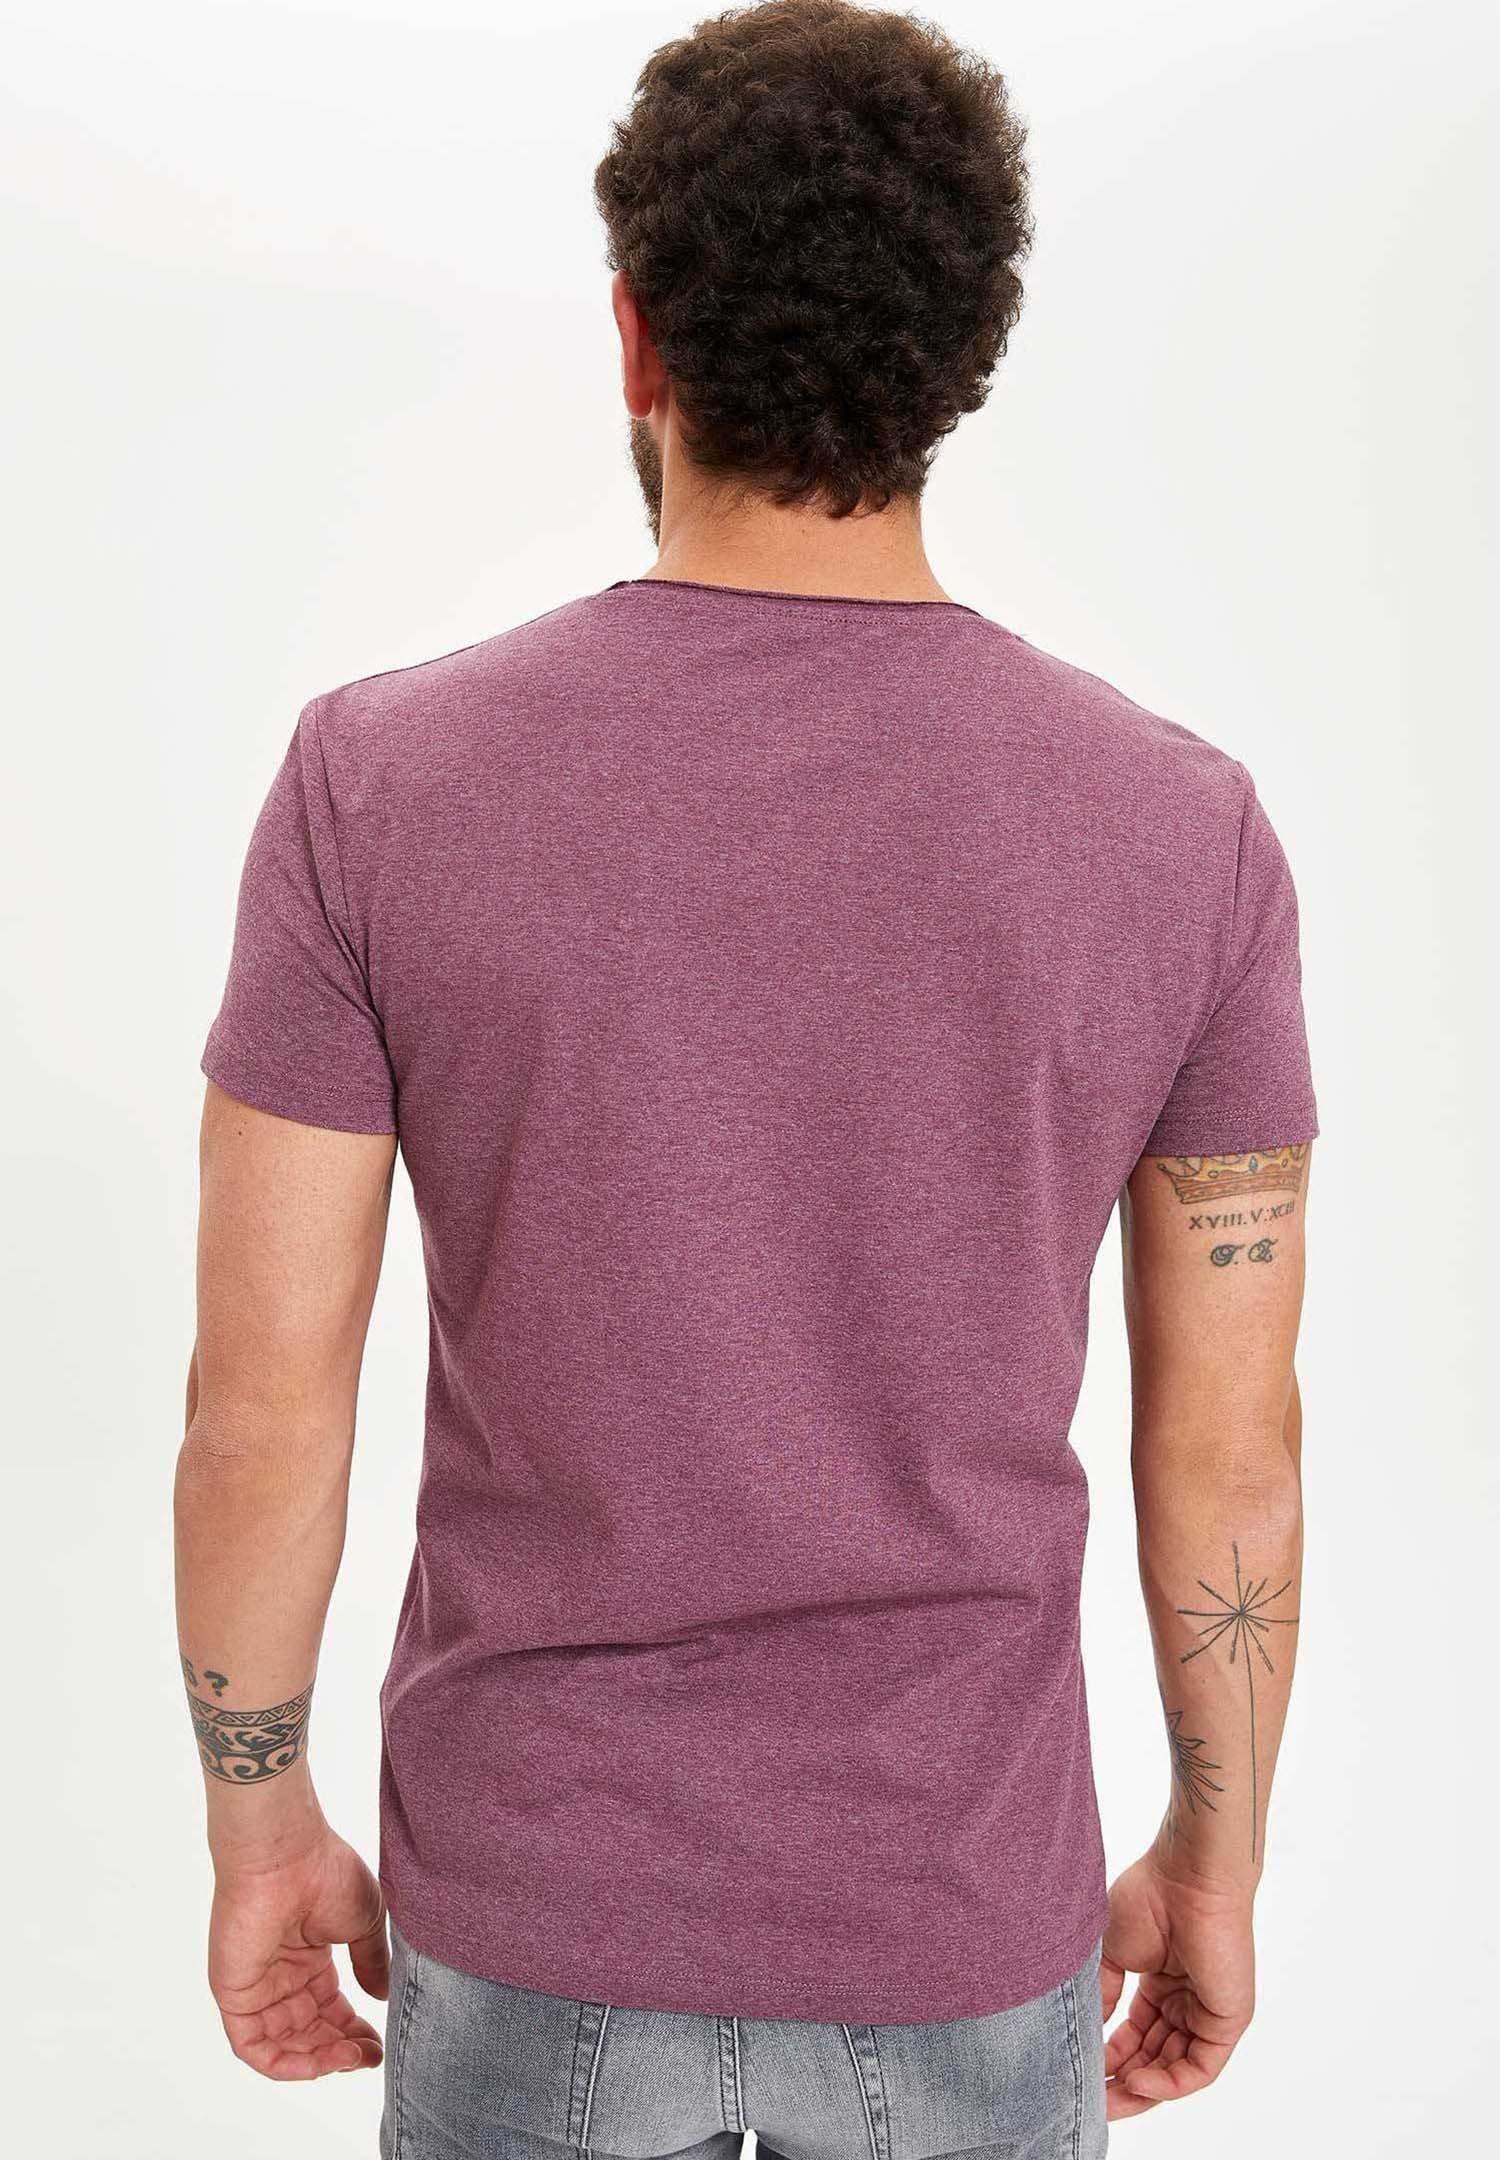 DeFacto Print T-shirt - purple Is7ou